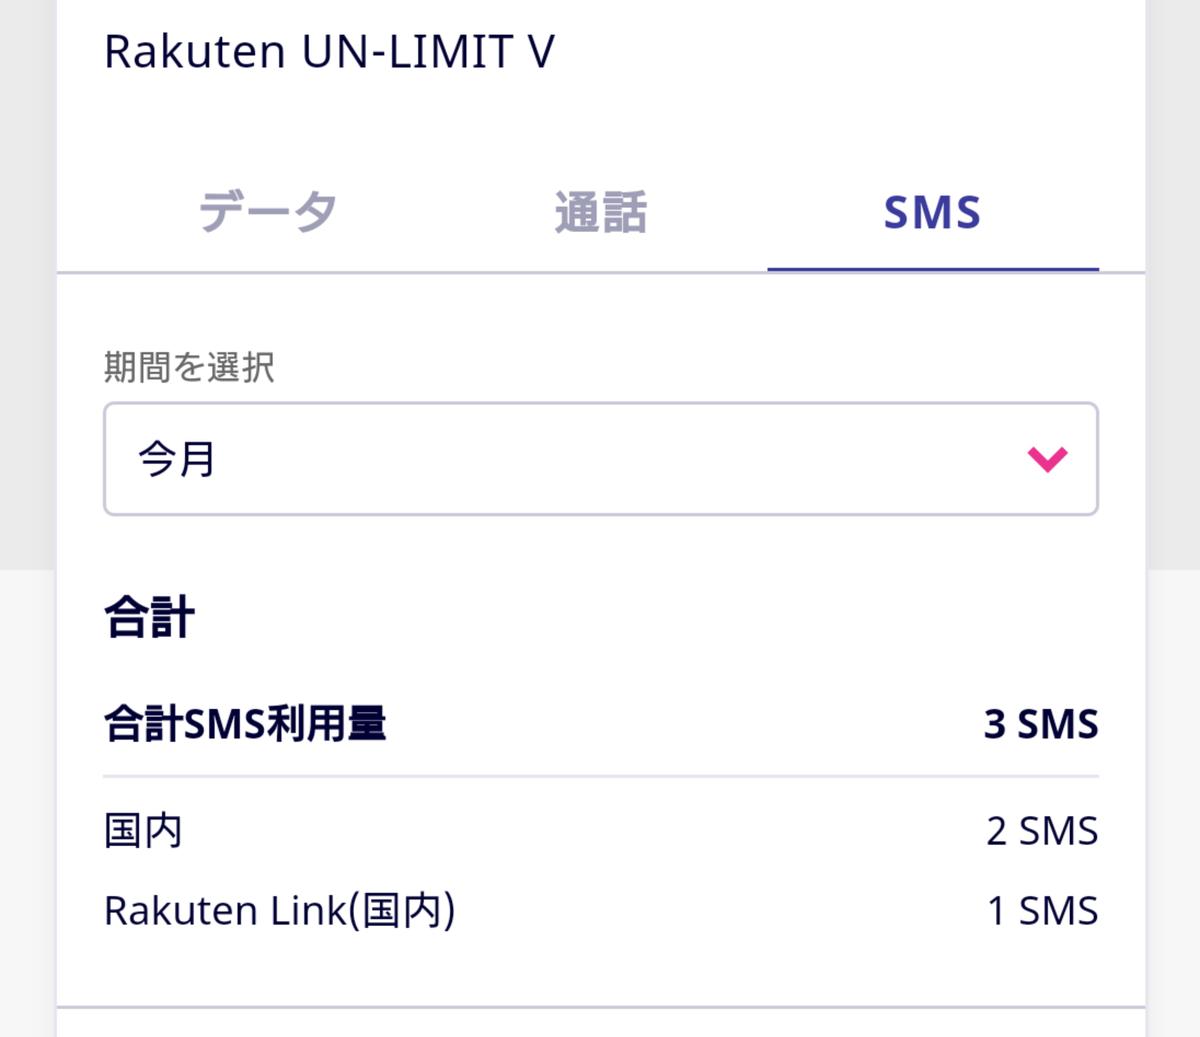 Rakuten Link,SMS,メッセージ,